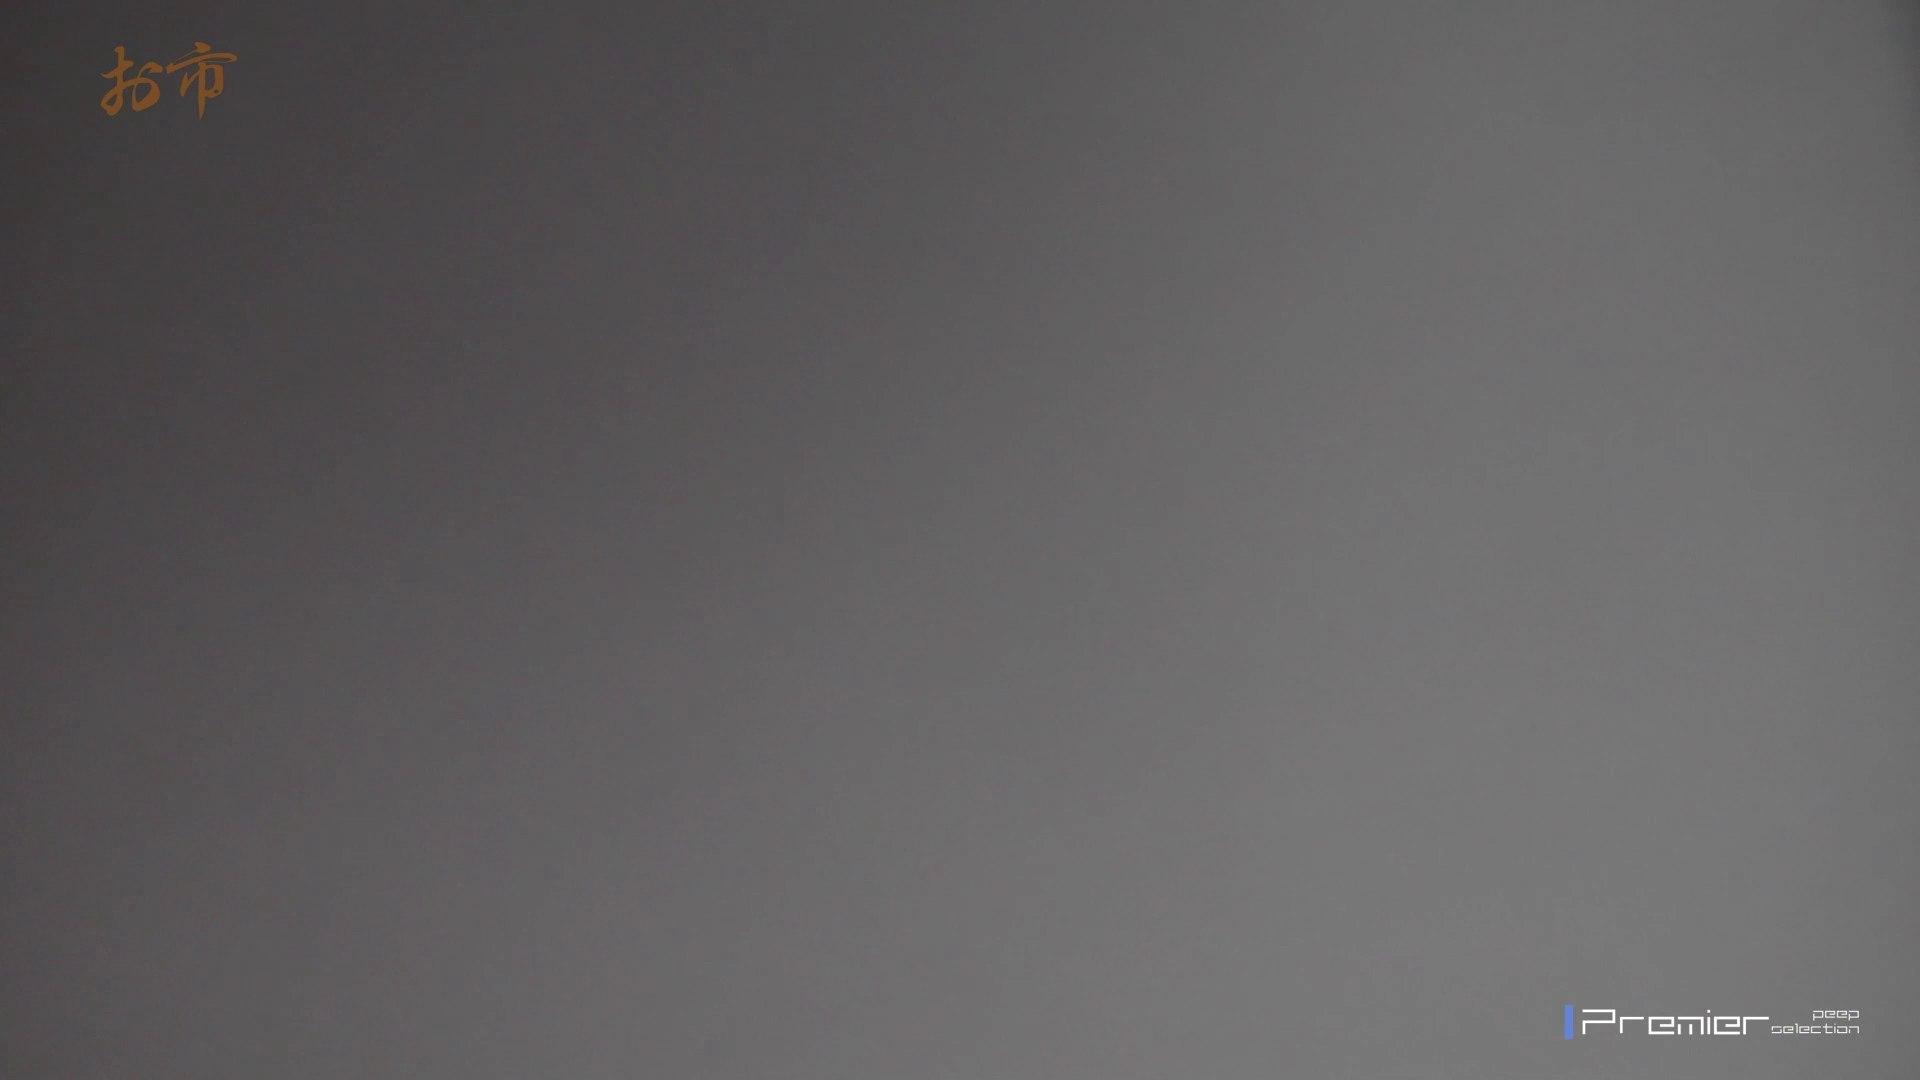 潜入!!台湾名門女学院 Vol.14 ラストコンテンツ!! 盗撮 オマンコ動画キャプチャ 88枚 6